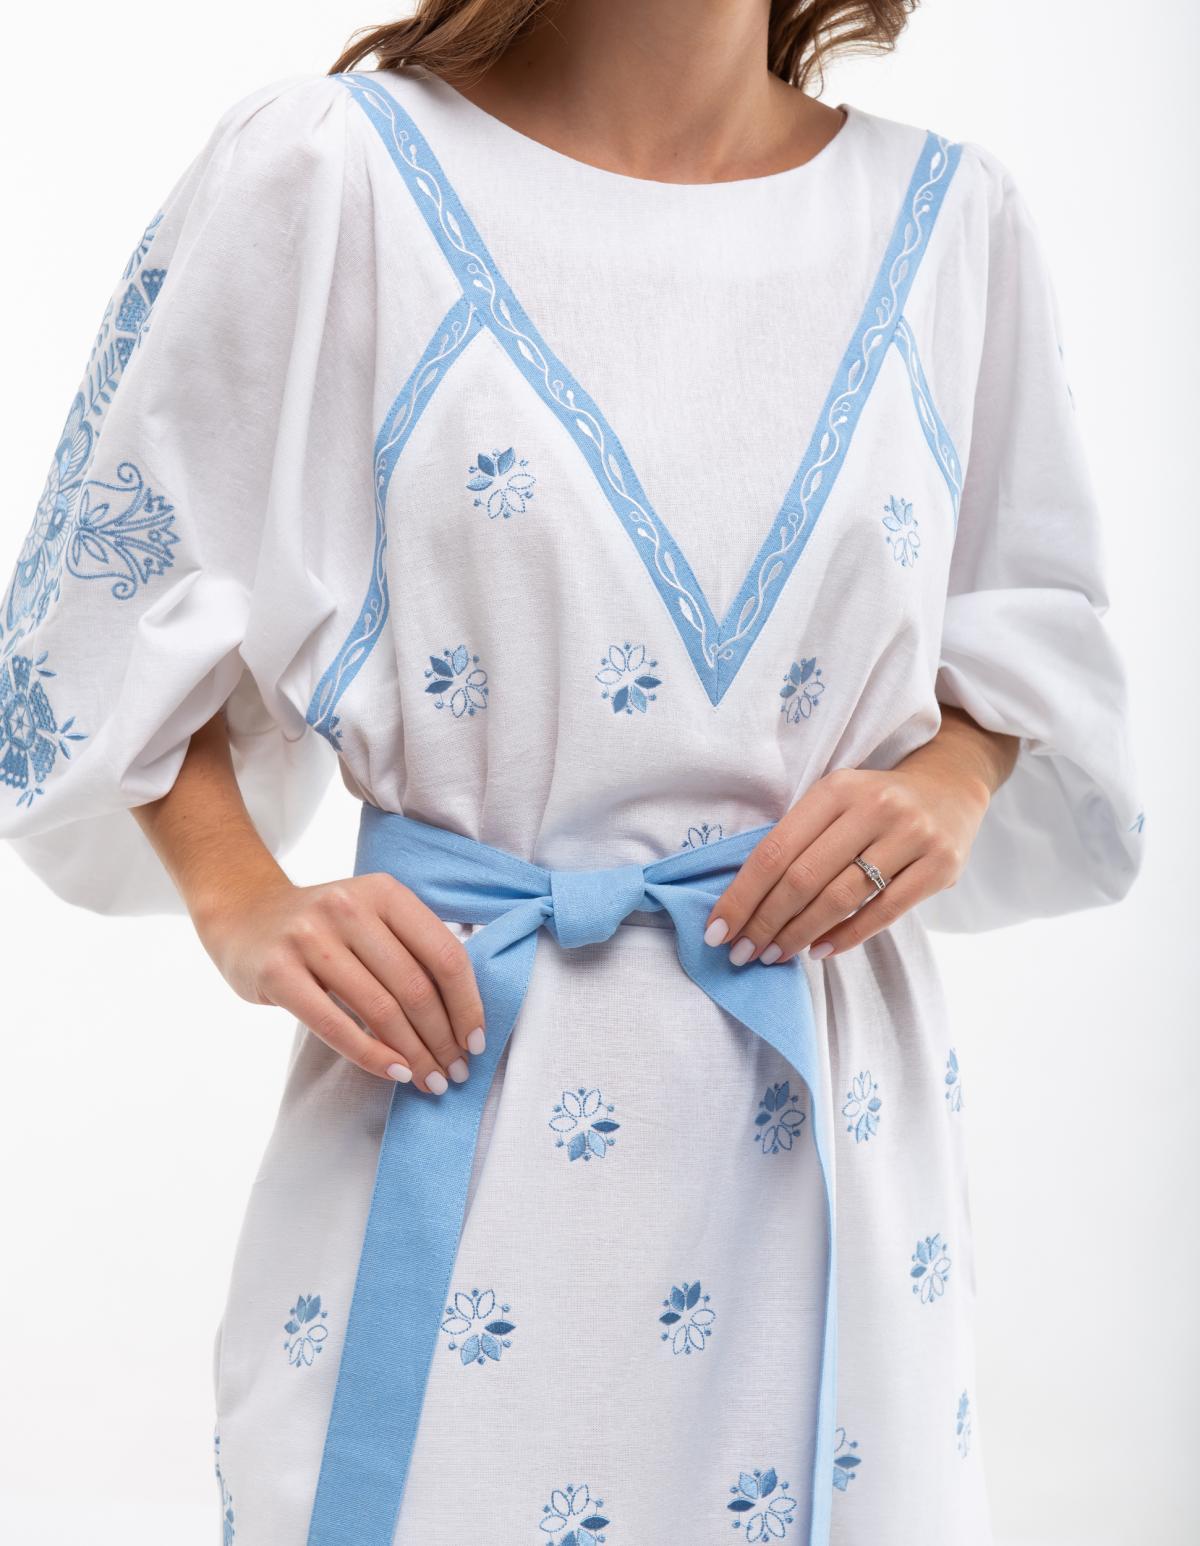 Сукня вишита Росинка біла. Фото №4. | Народний дім Україна